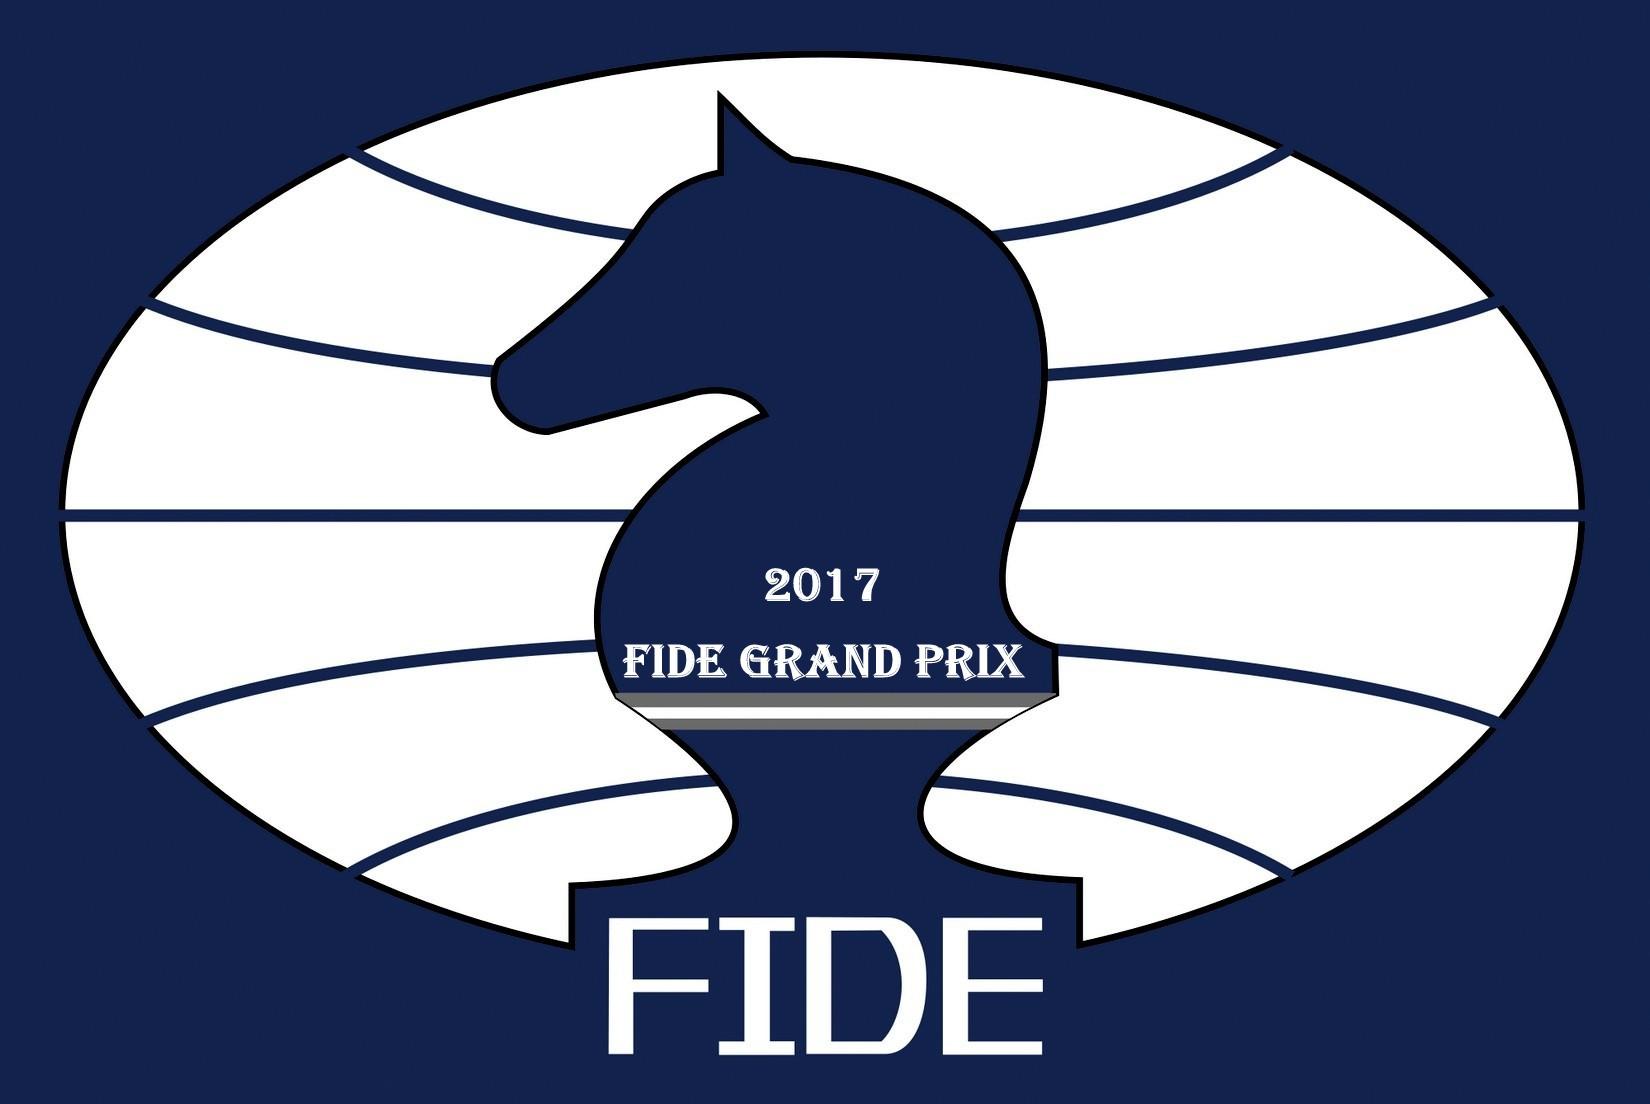 FIDE-Grand-Prix-2017